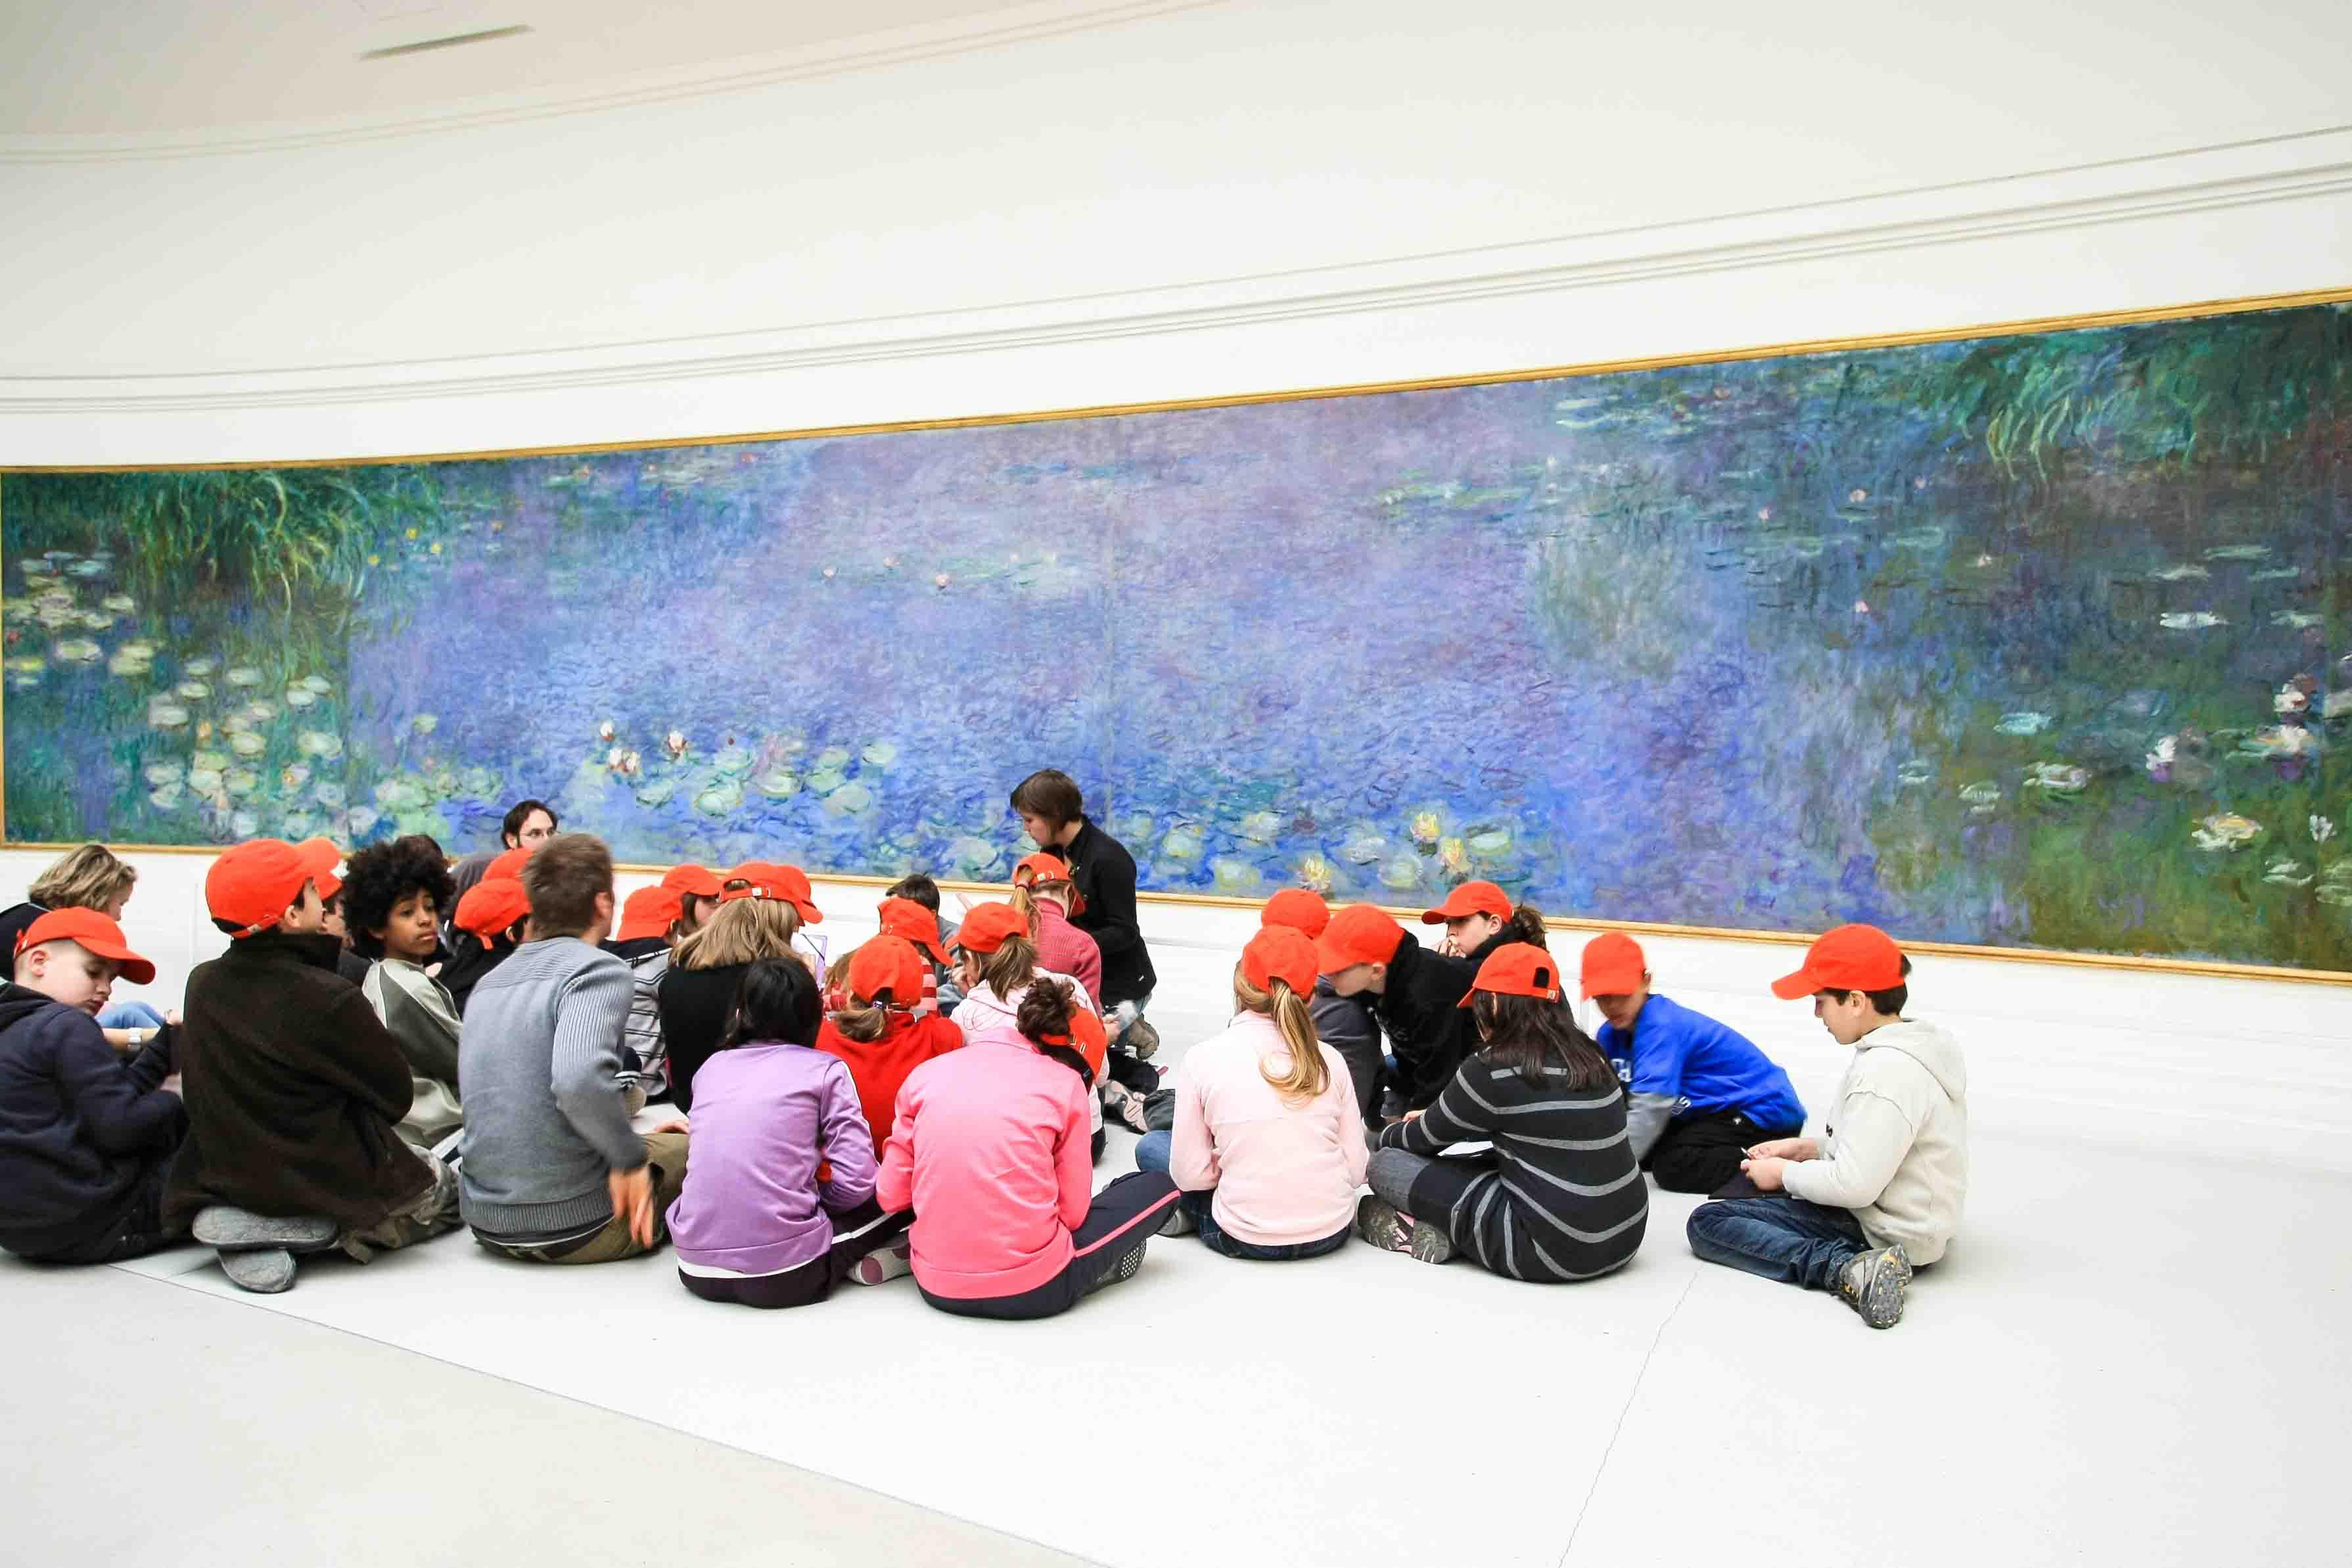 【フランス旅行】パリ オランオランジュリー美術館 モネの間へ